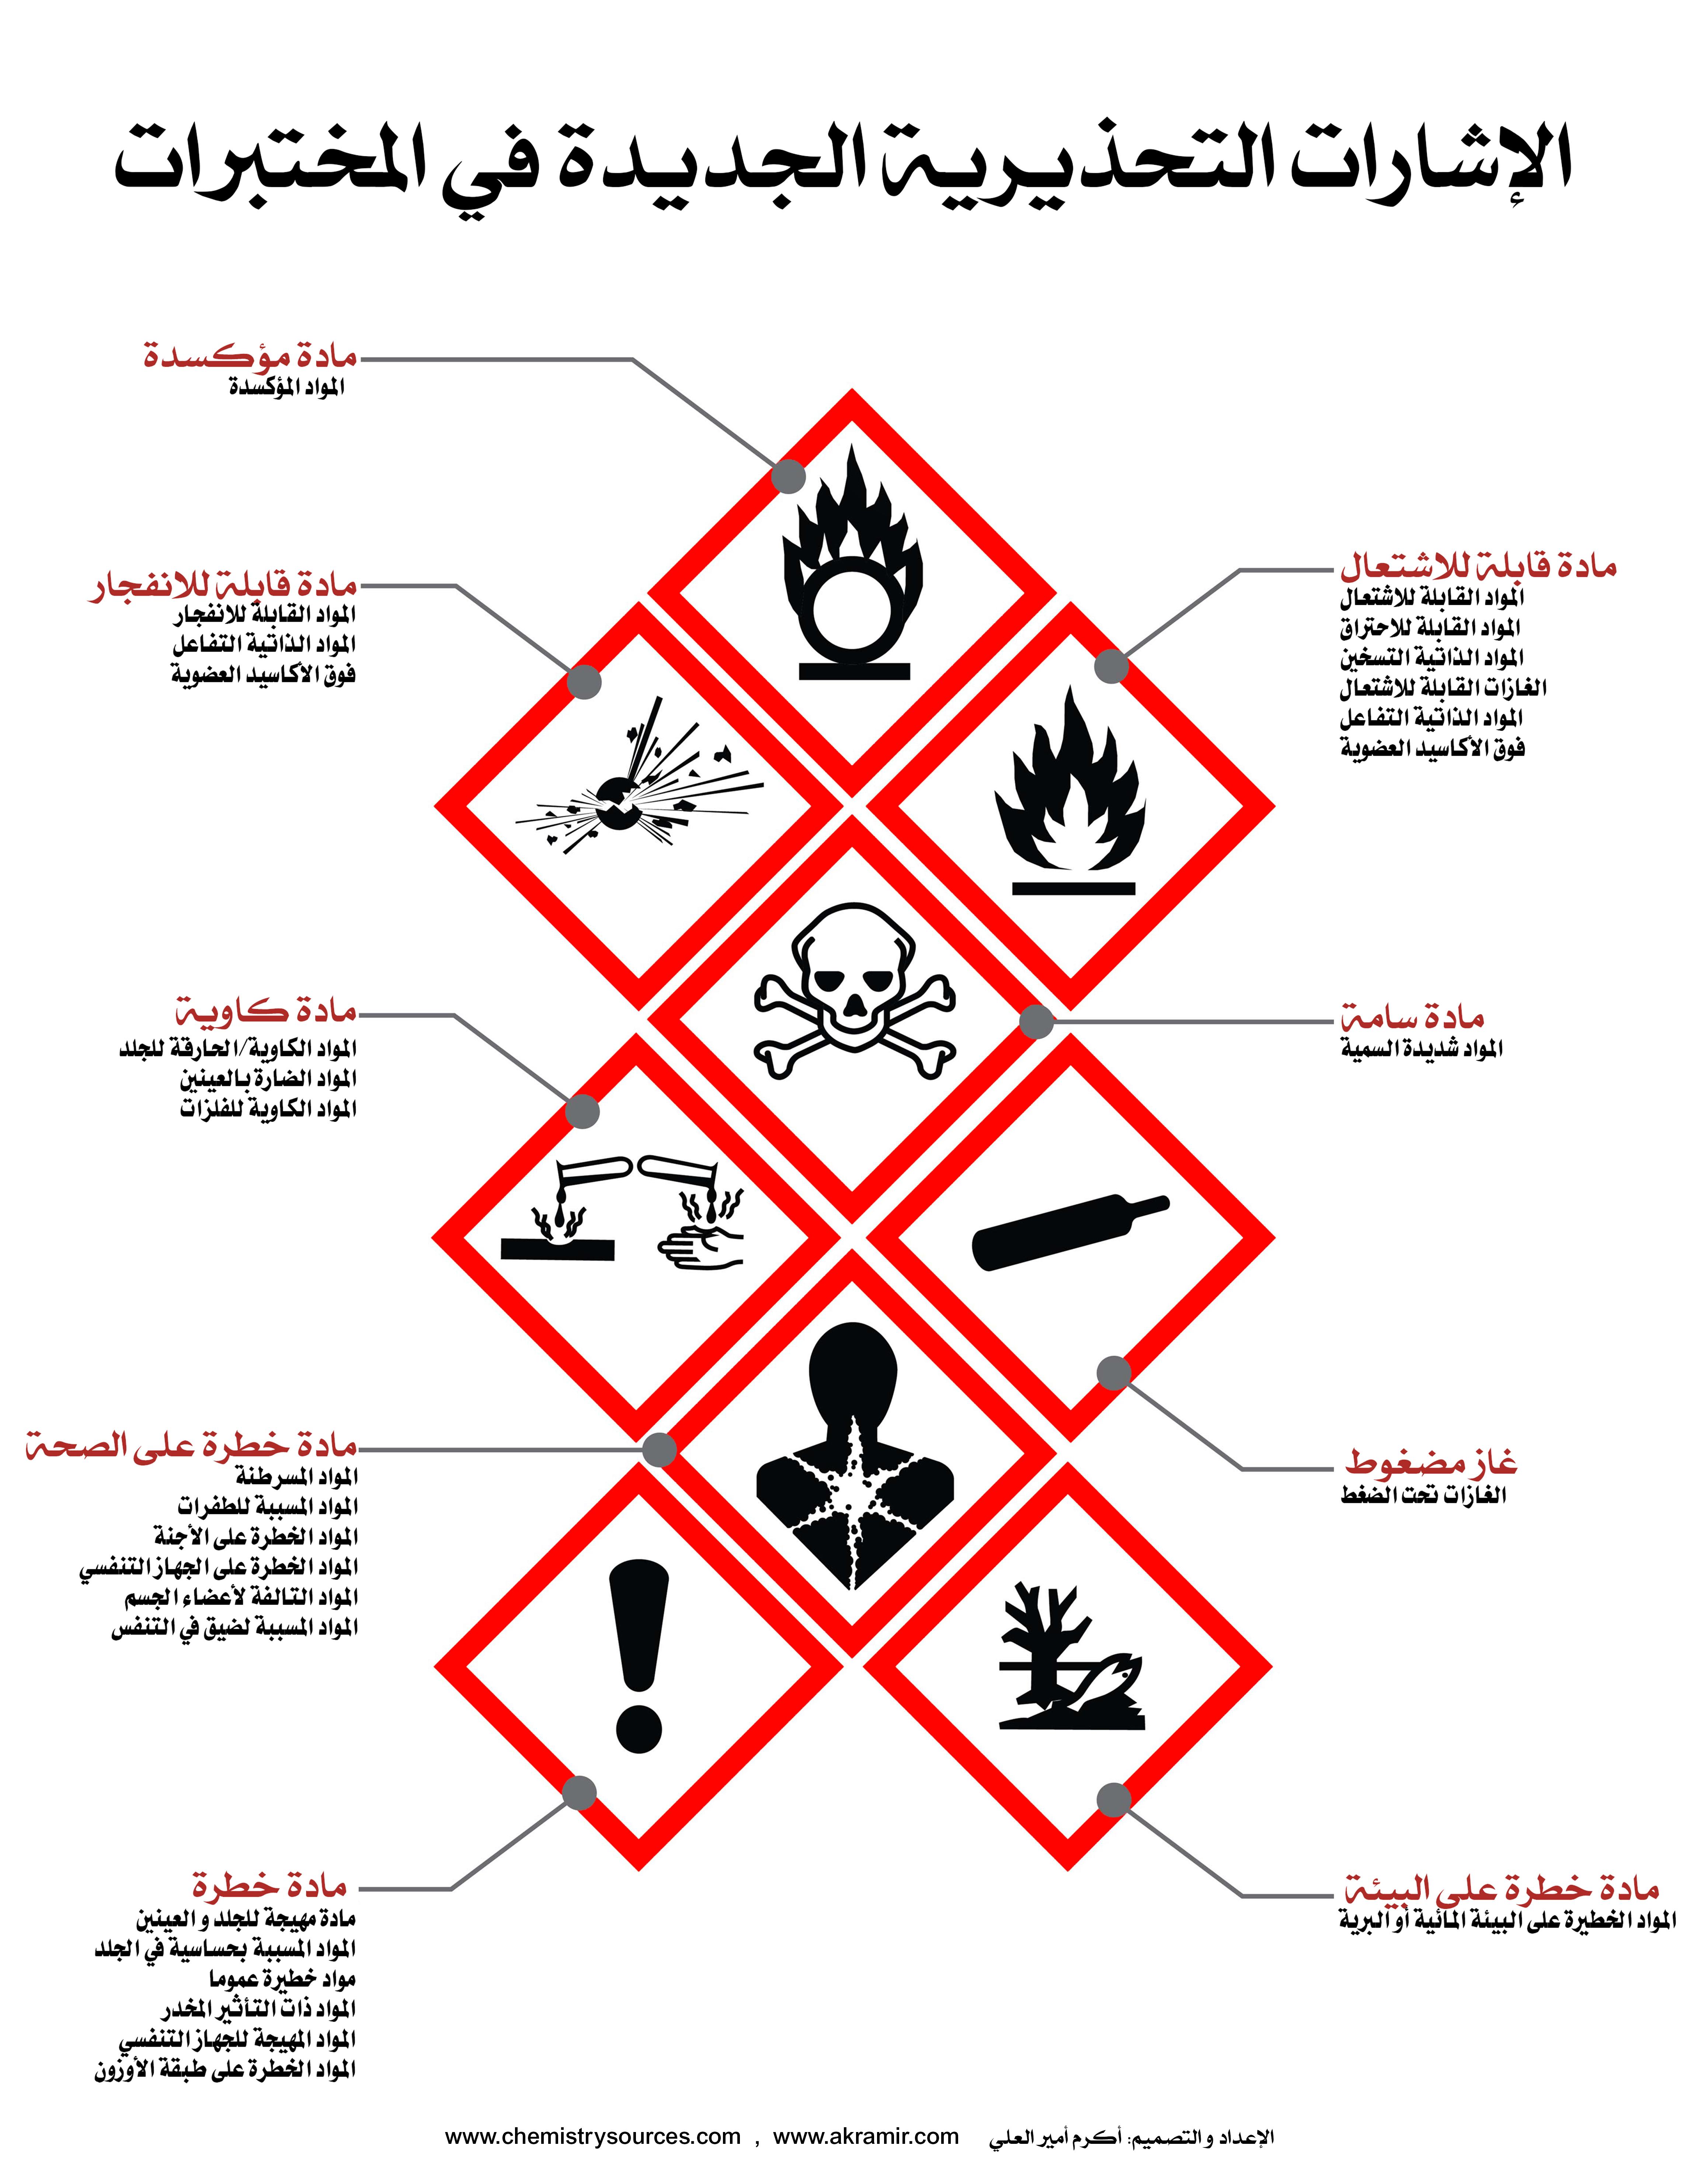 لوحات (بوسترات) كيميائية (5) - الإشارات التحذيرية الجديدة في المختبرات